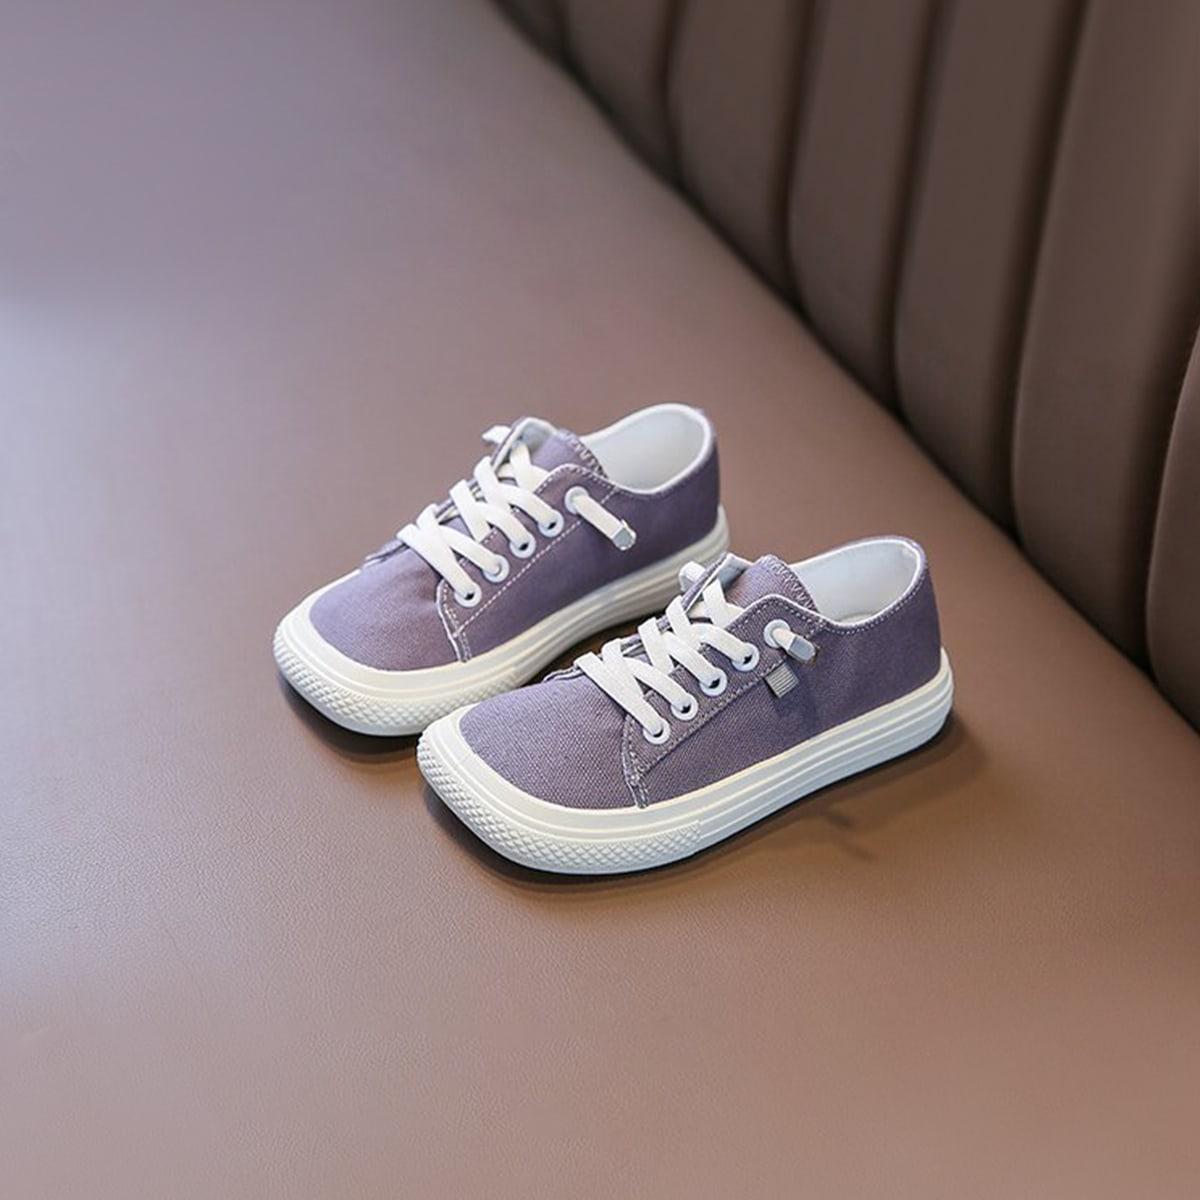 Холщовые туфли на шнурке для мальчиков от SHEIN